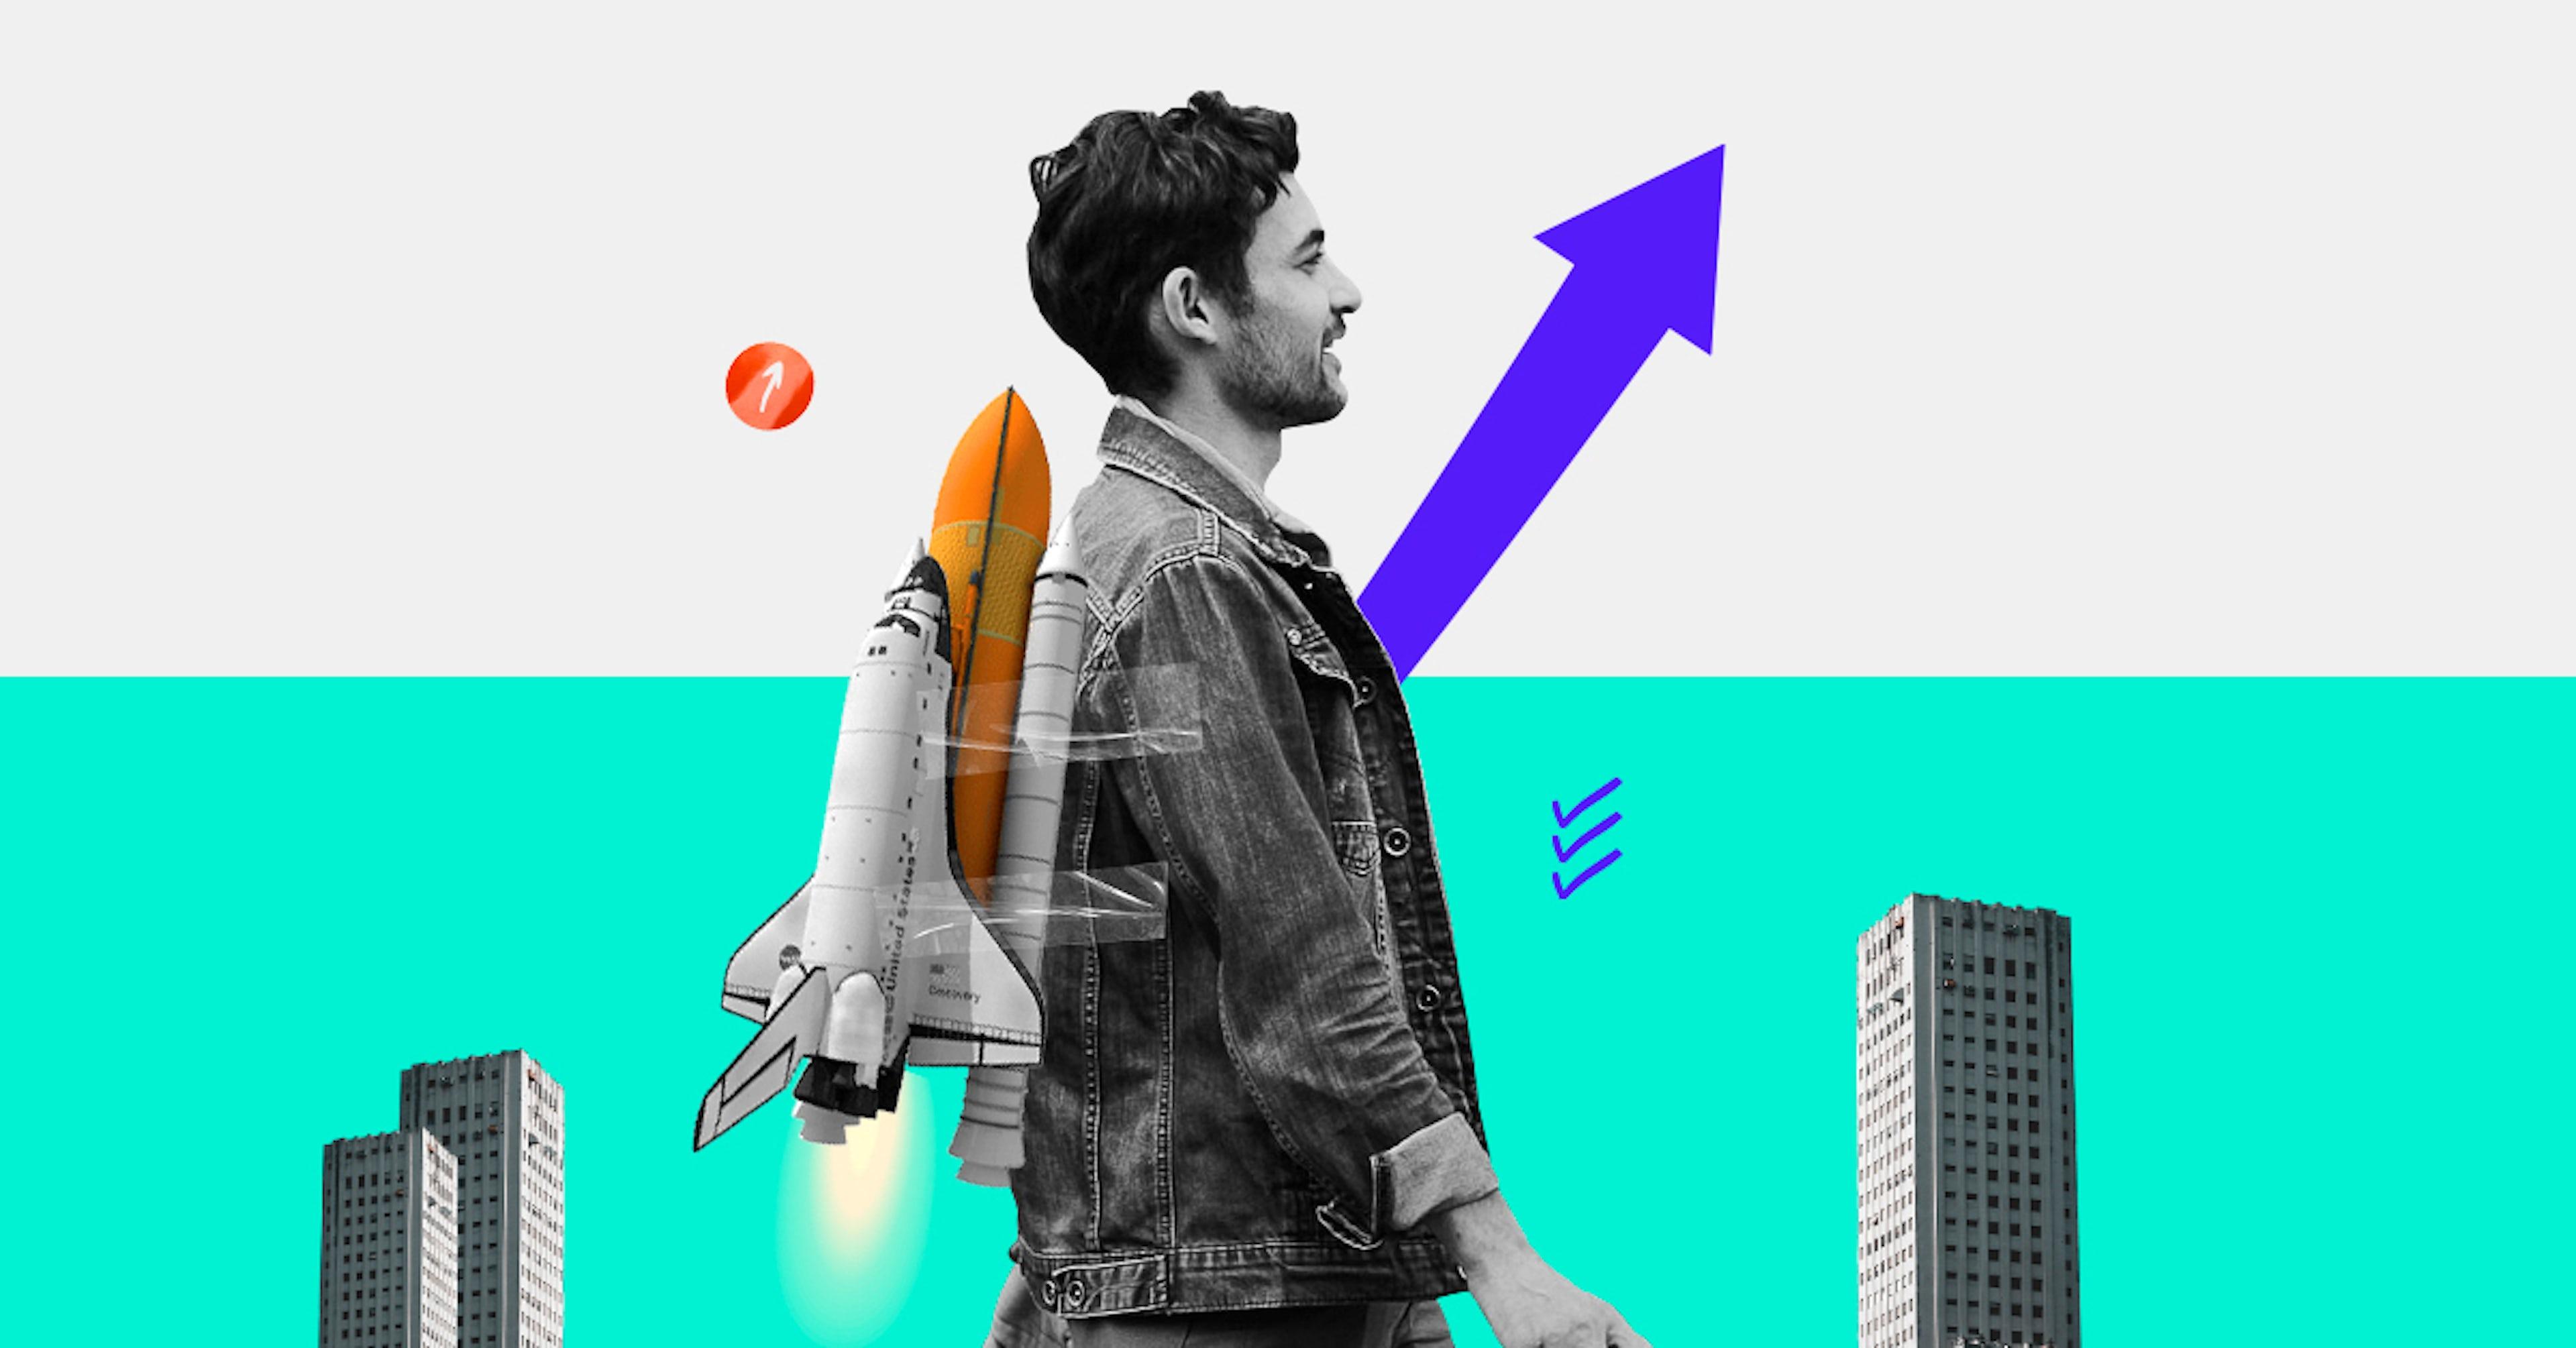 6 maneiras de alavancar sua carreira sem esperar por uma promoção